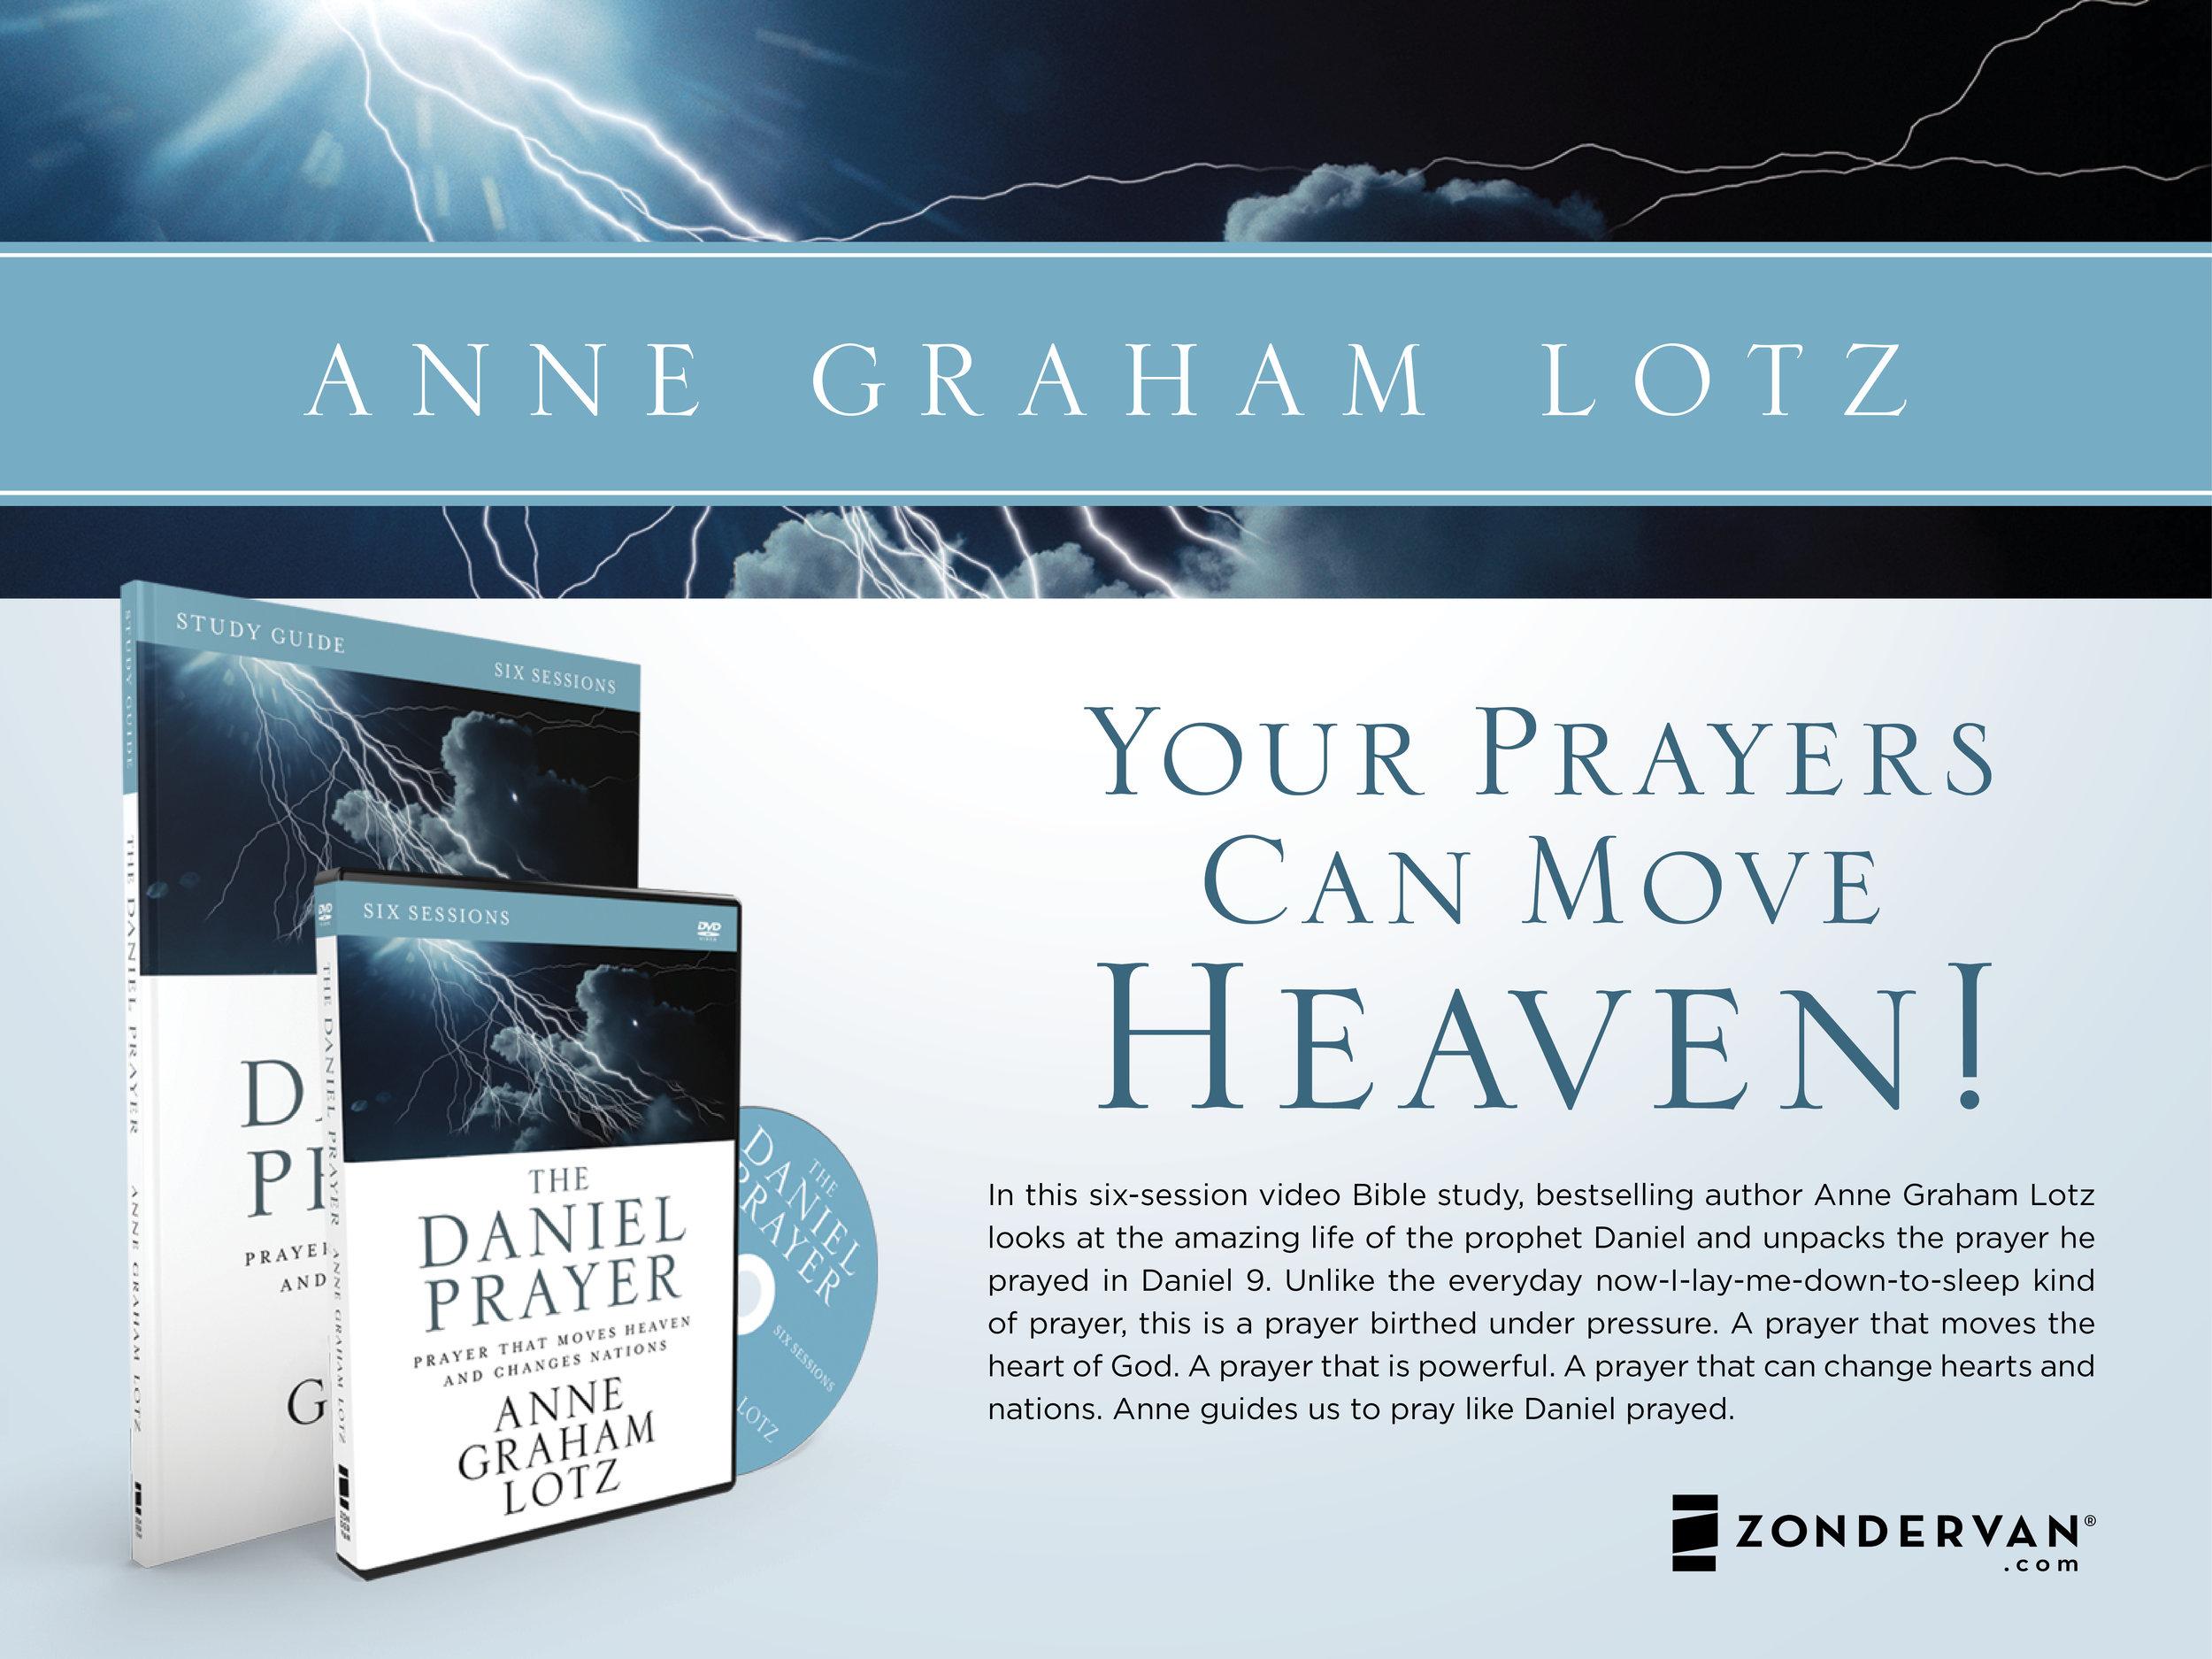 Daniel Prayer jpg.jpg